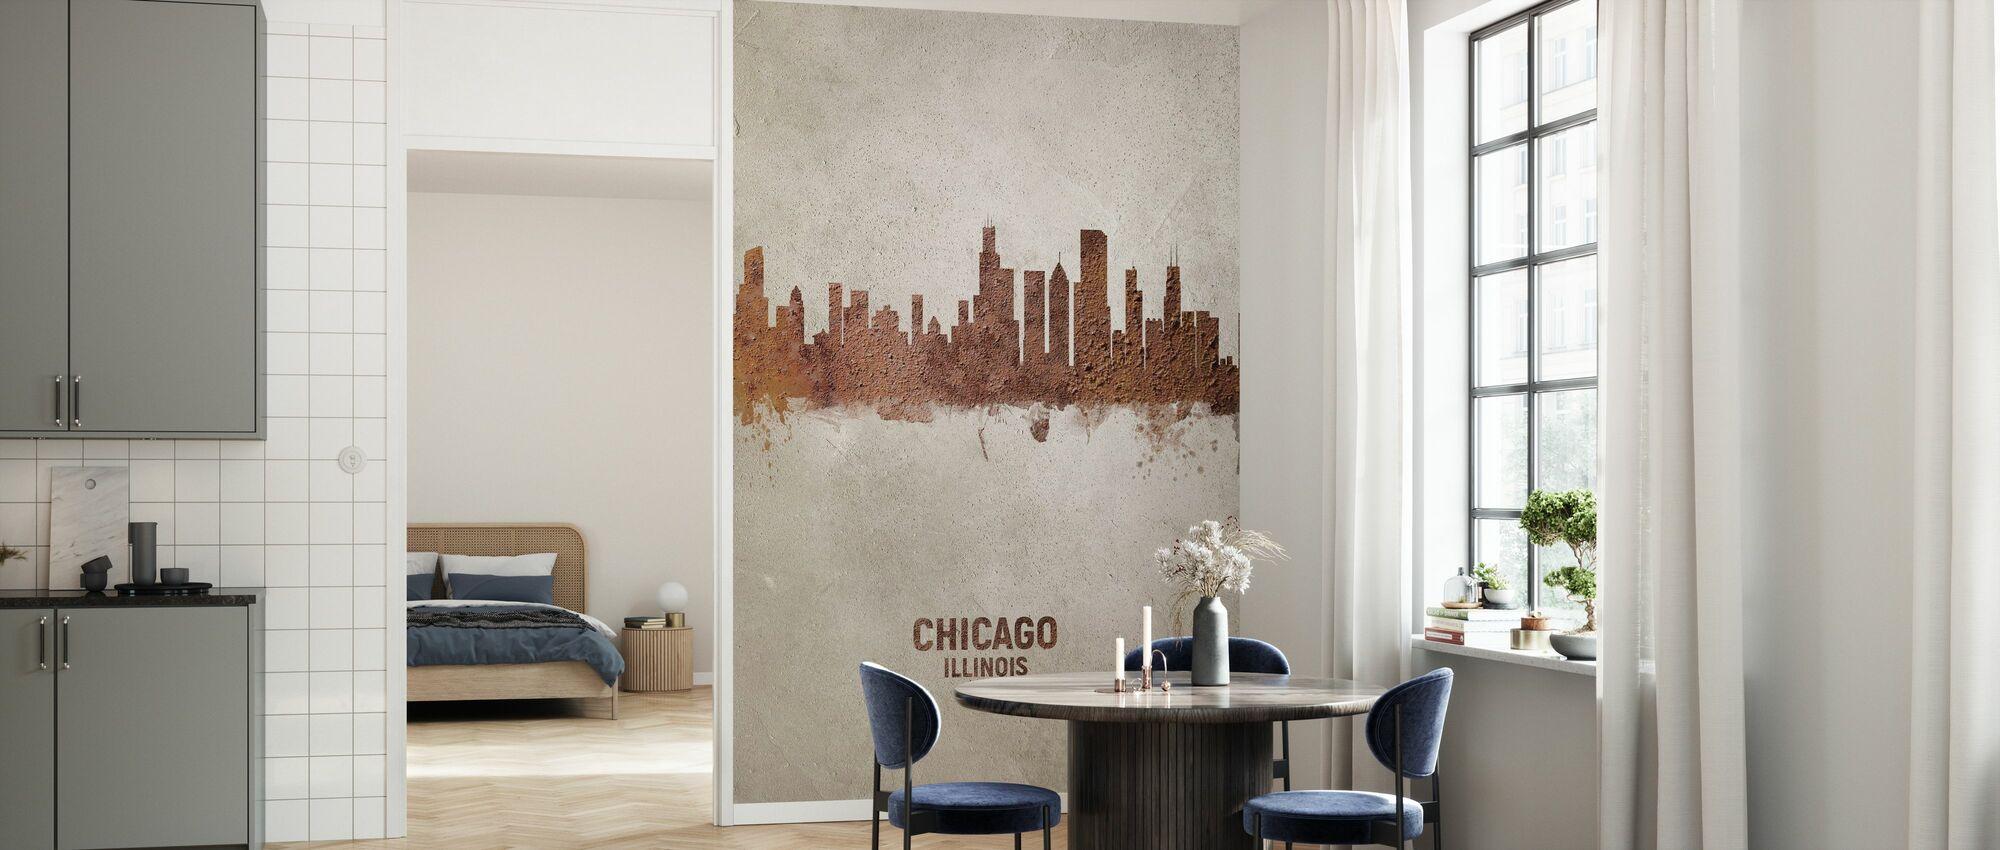 Chicago Illinois Rust Skyline - Wallpaper - Kitchen